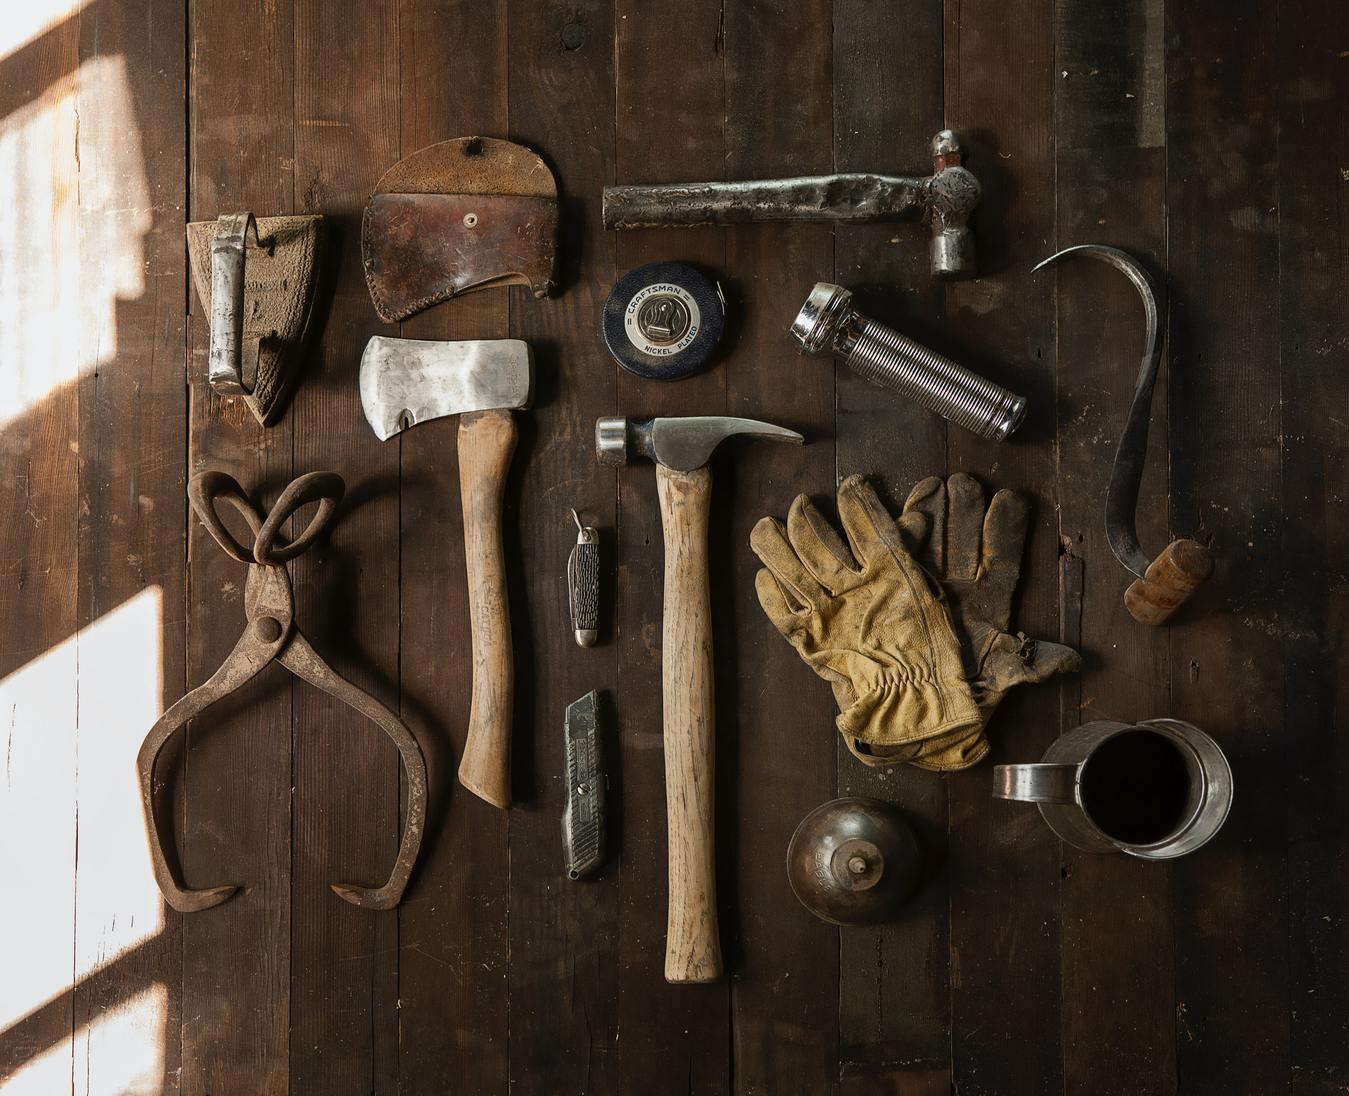 ferramentas de carpintaria num fundo de madeira - ideias de negócio